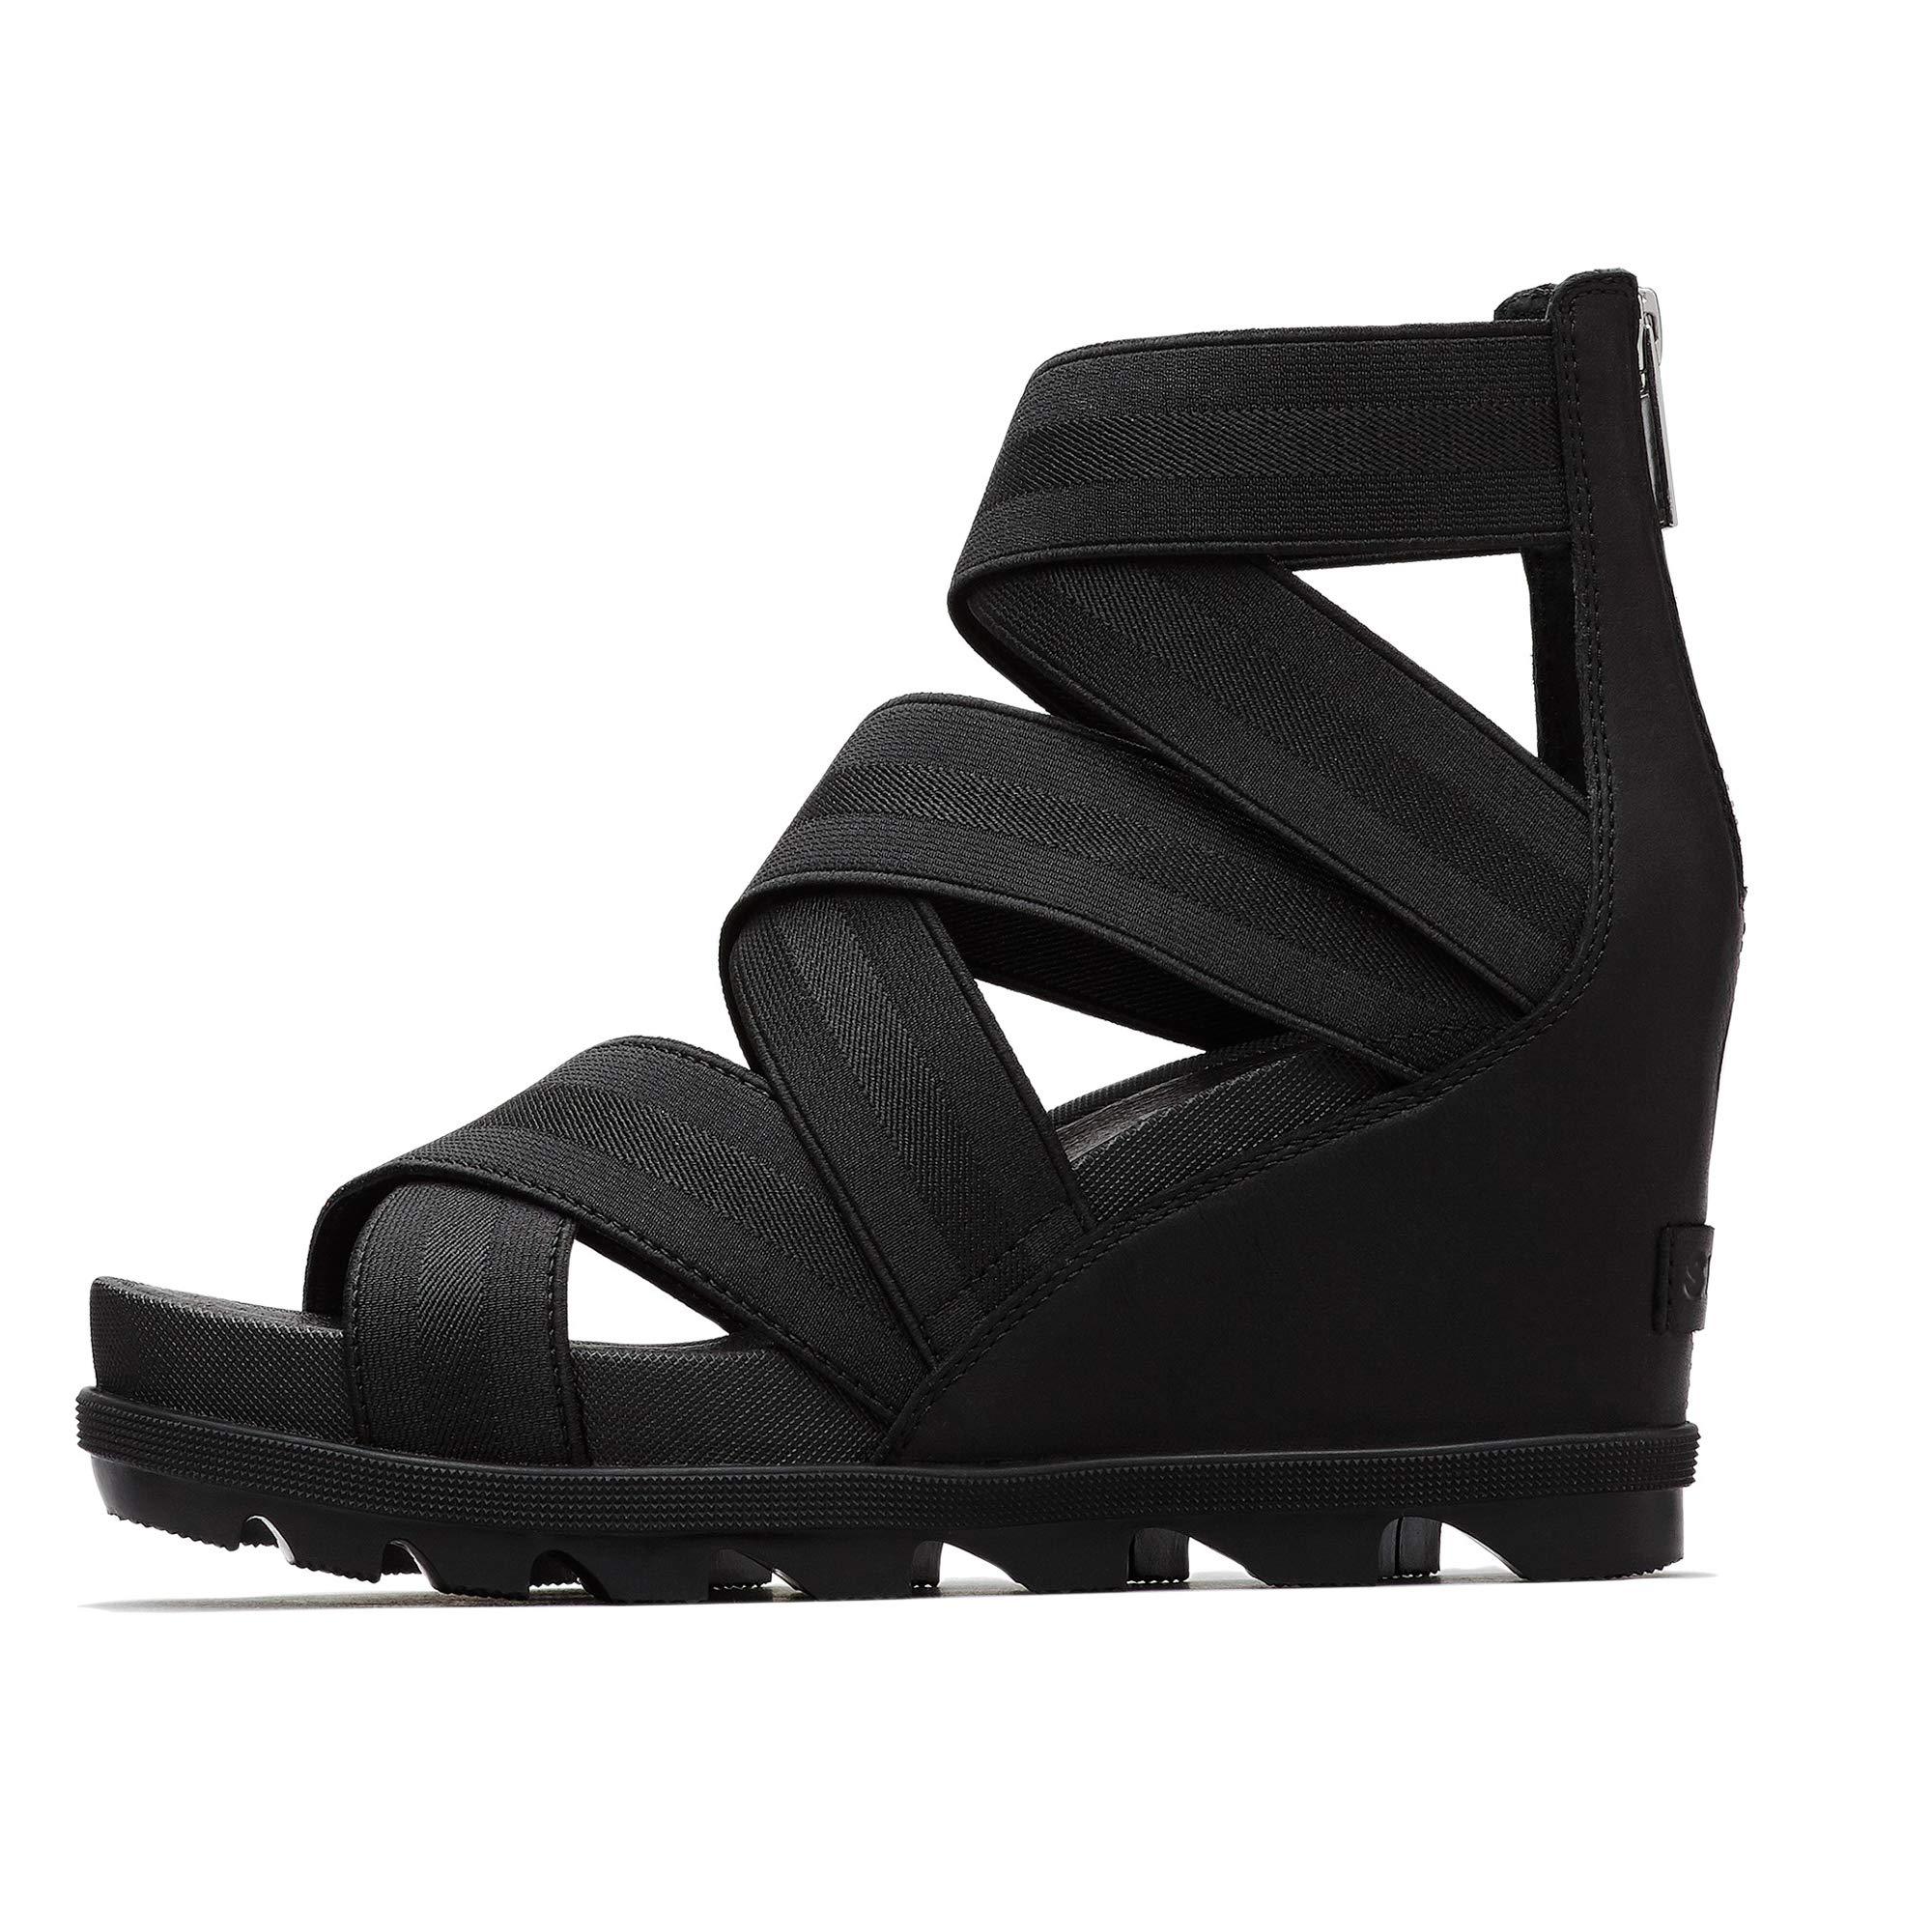 SOREL - Women's Joanie II Strap Leather Open Toe Wedge Sandals, Black, 7.5 M US